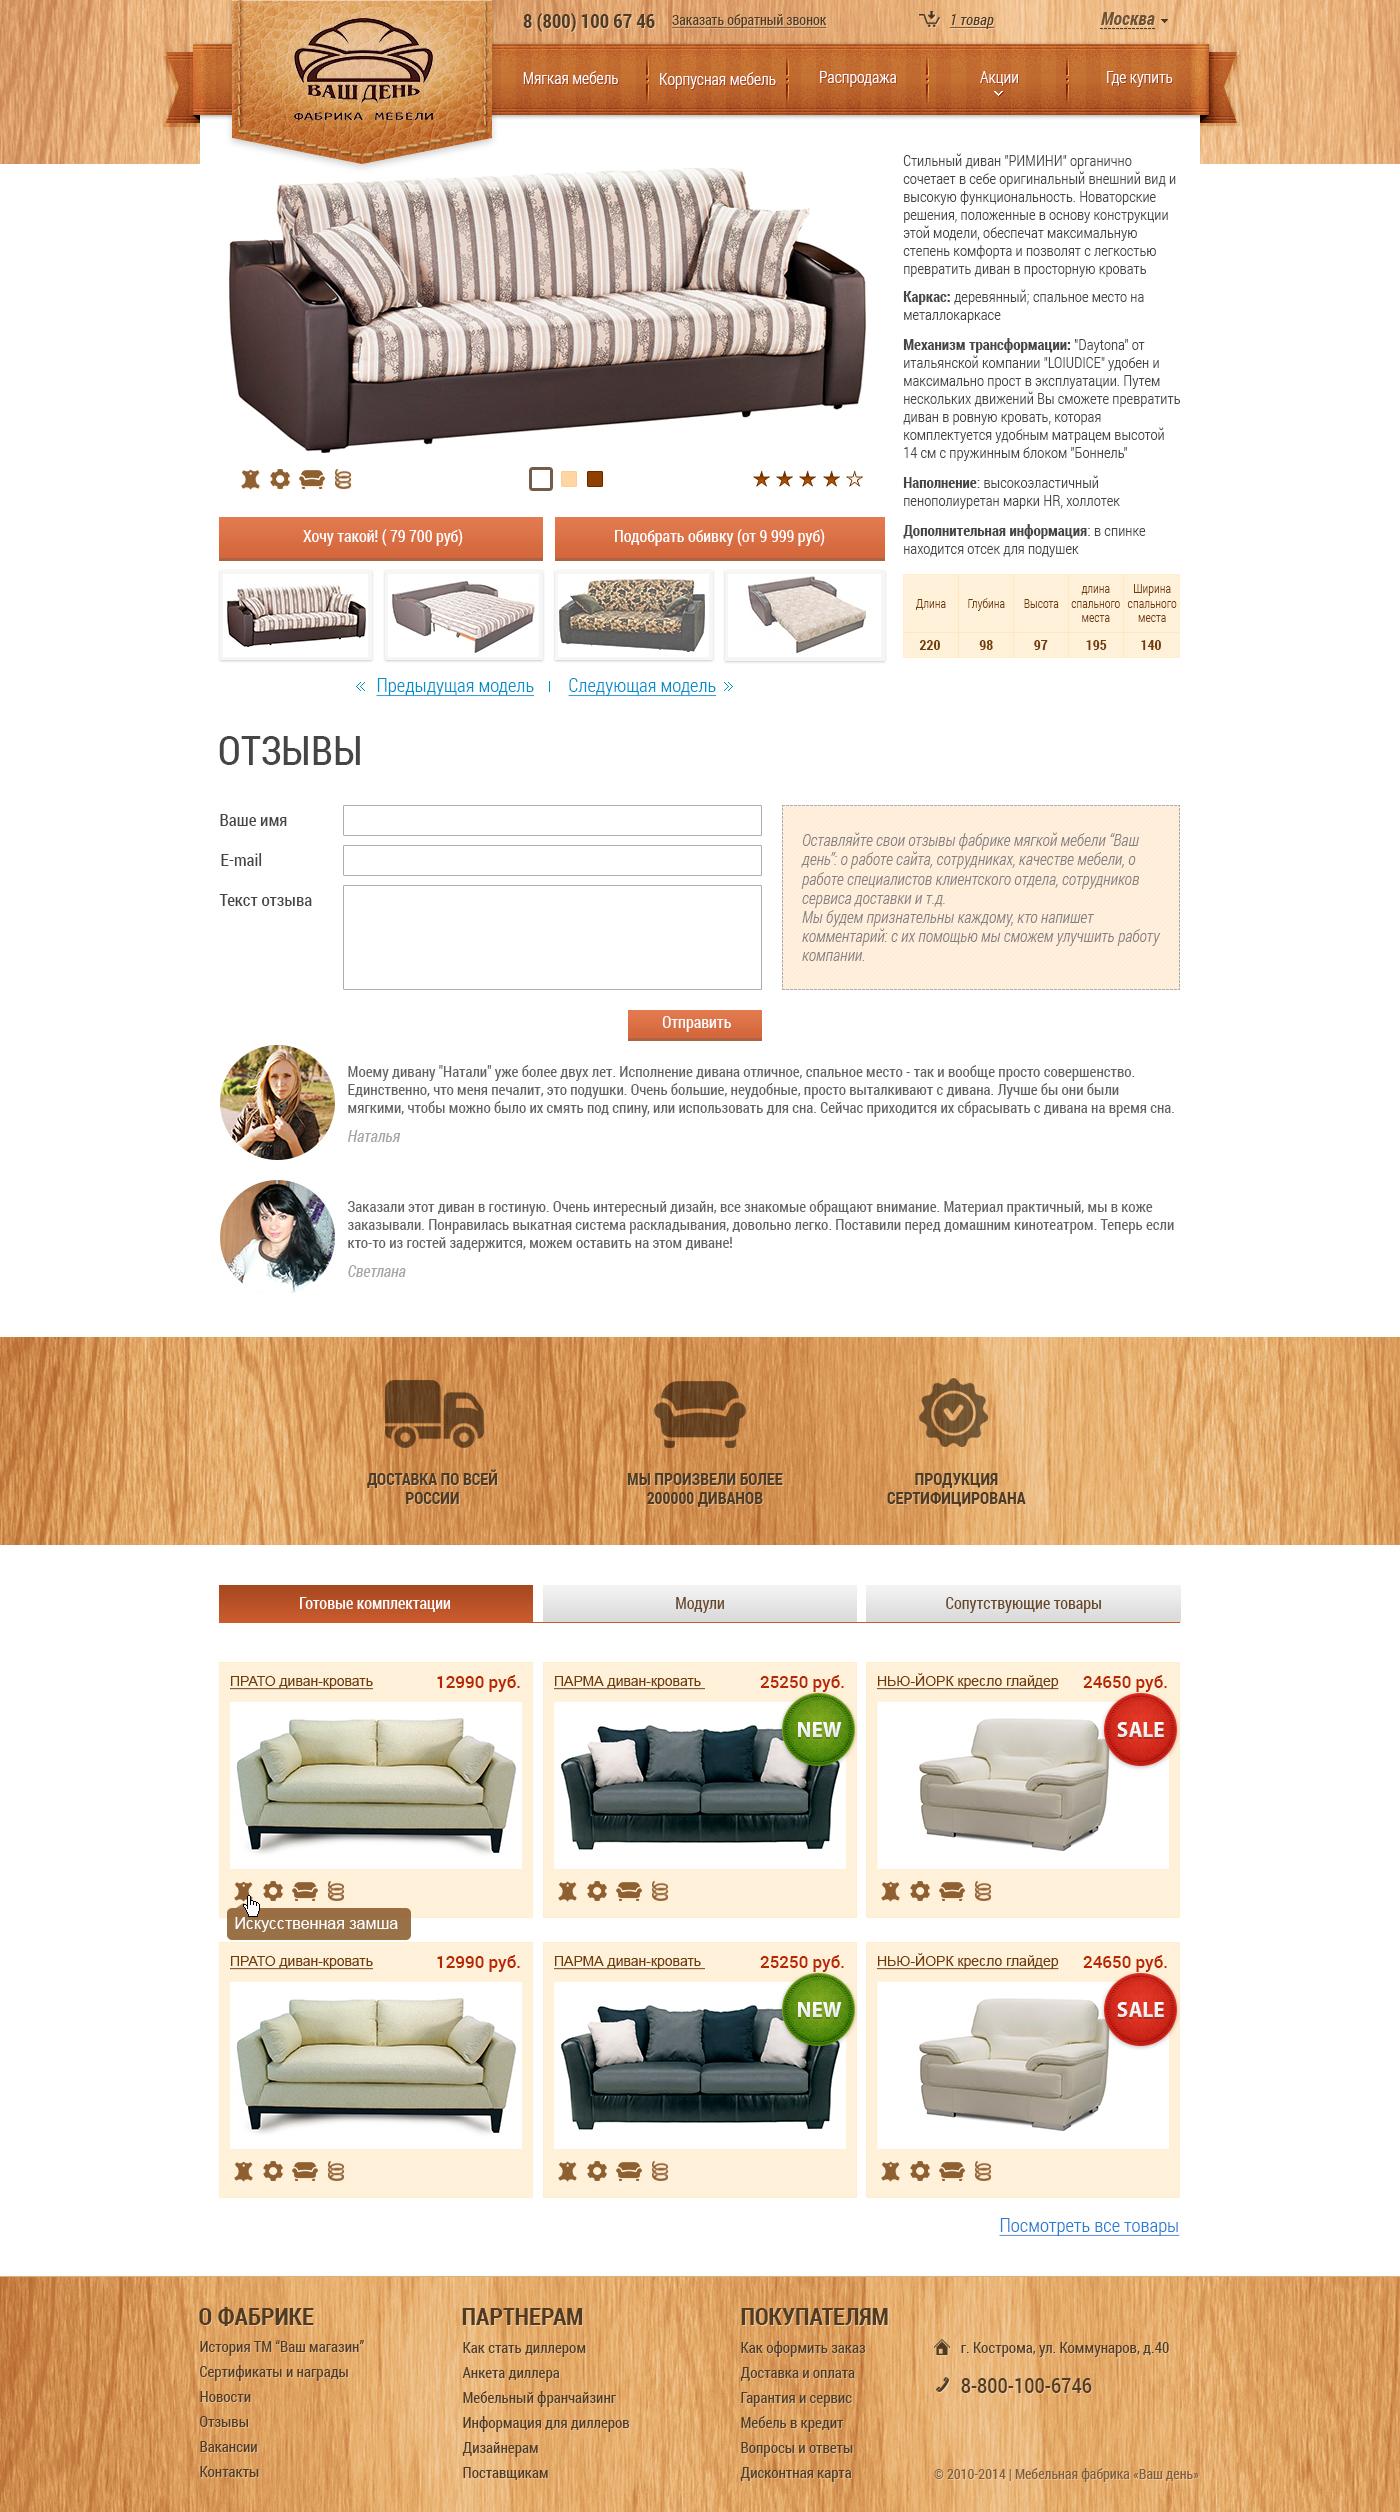 Разработать дизайн для интернет-магазина мебели фото f_67252f5c71942bb6.jpg